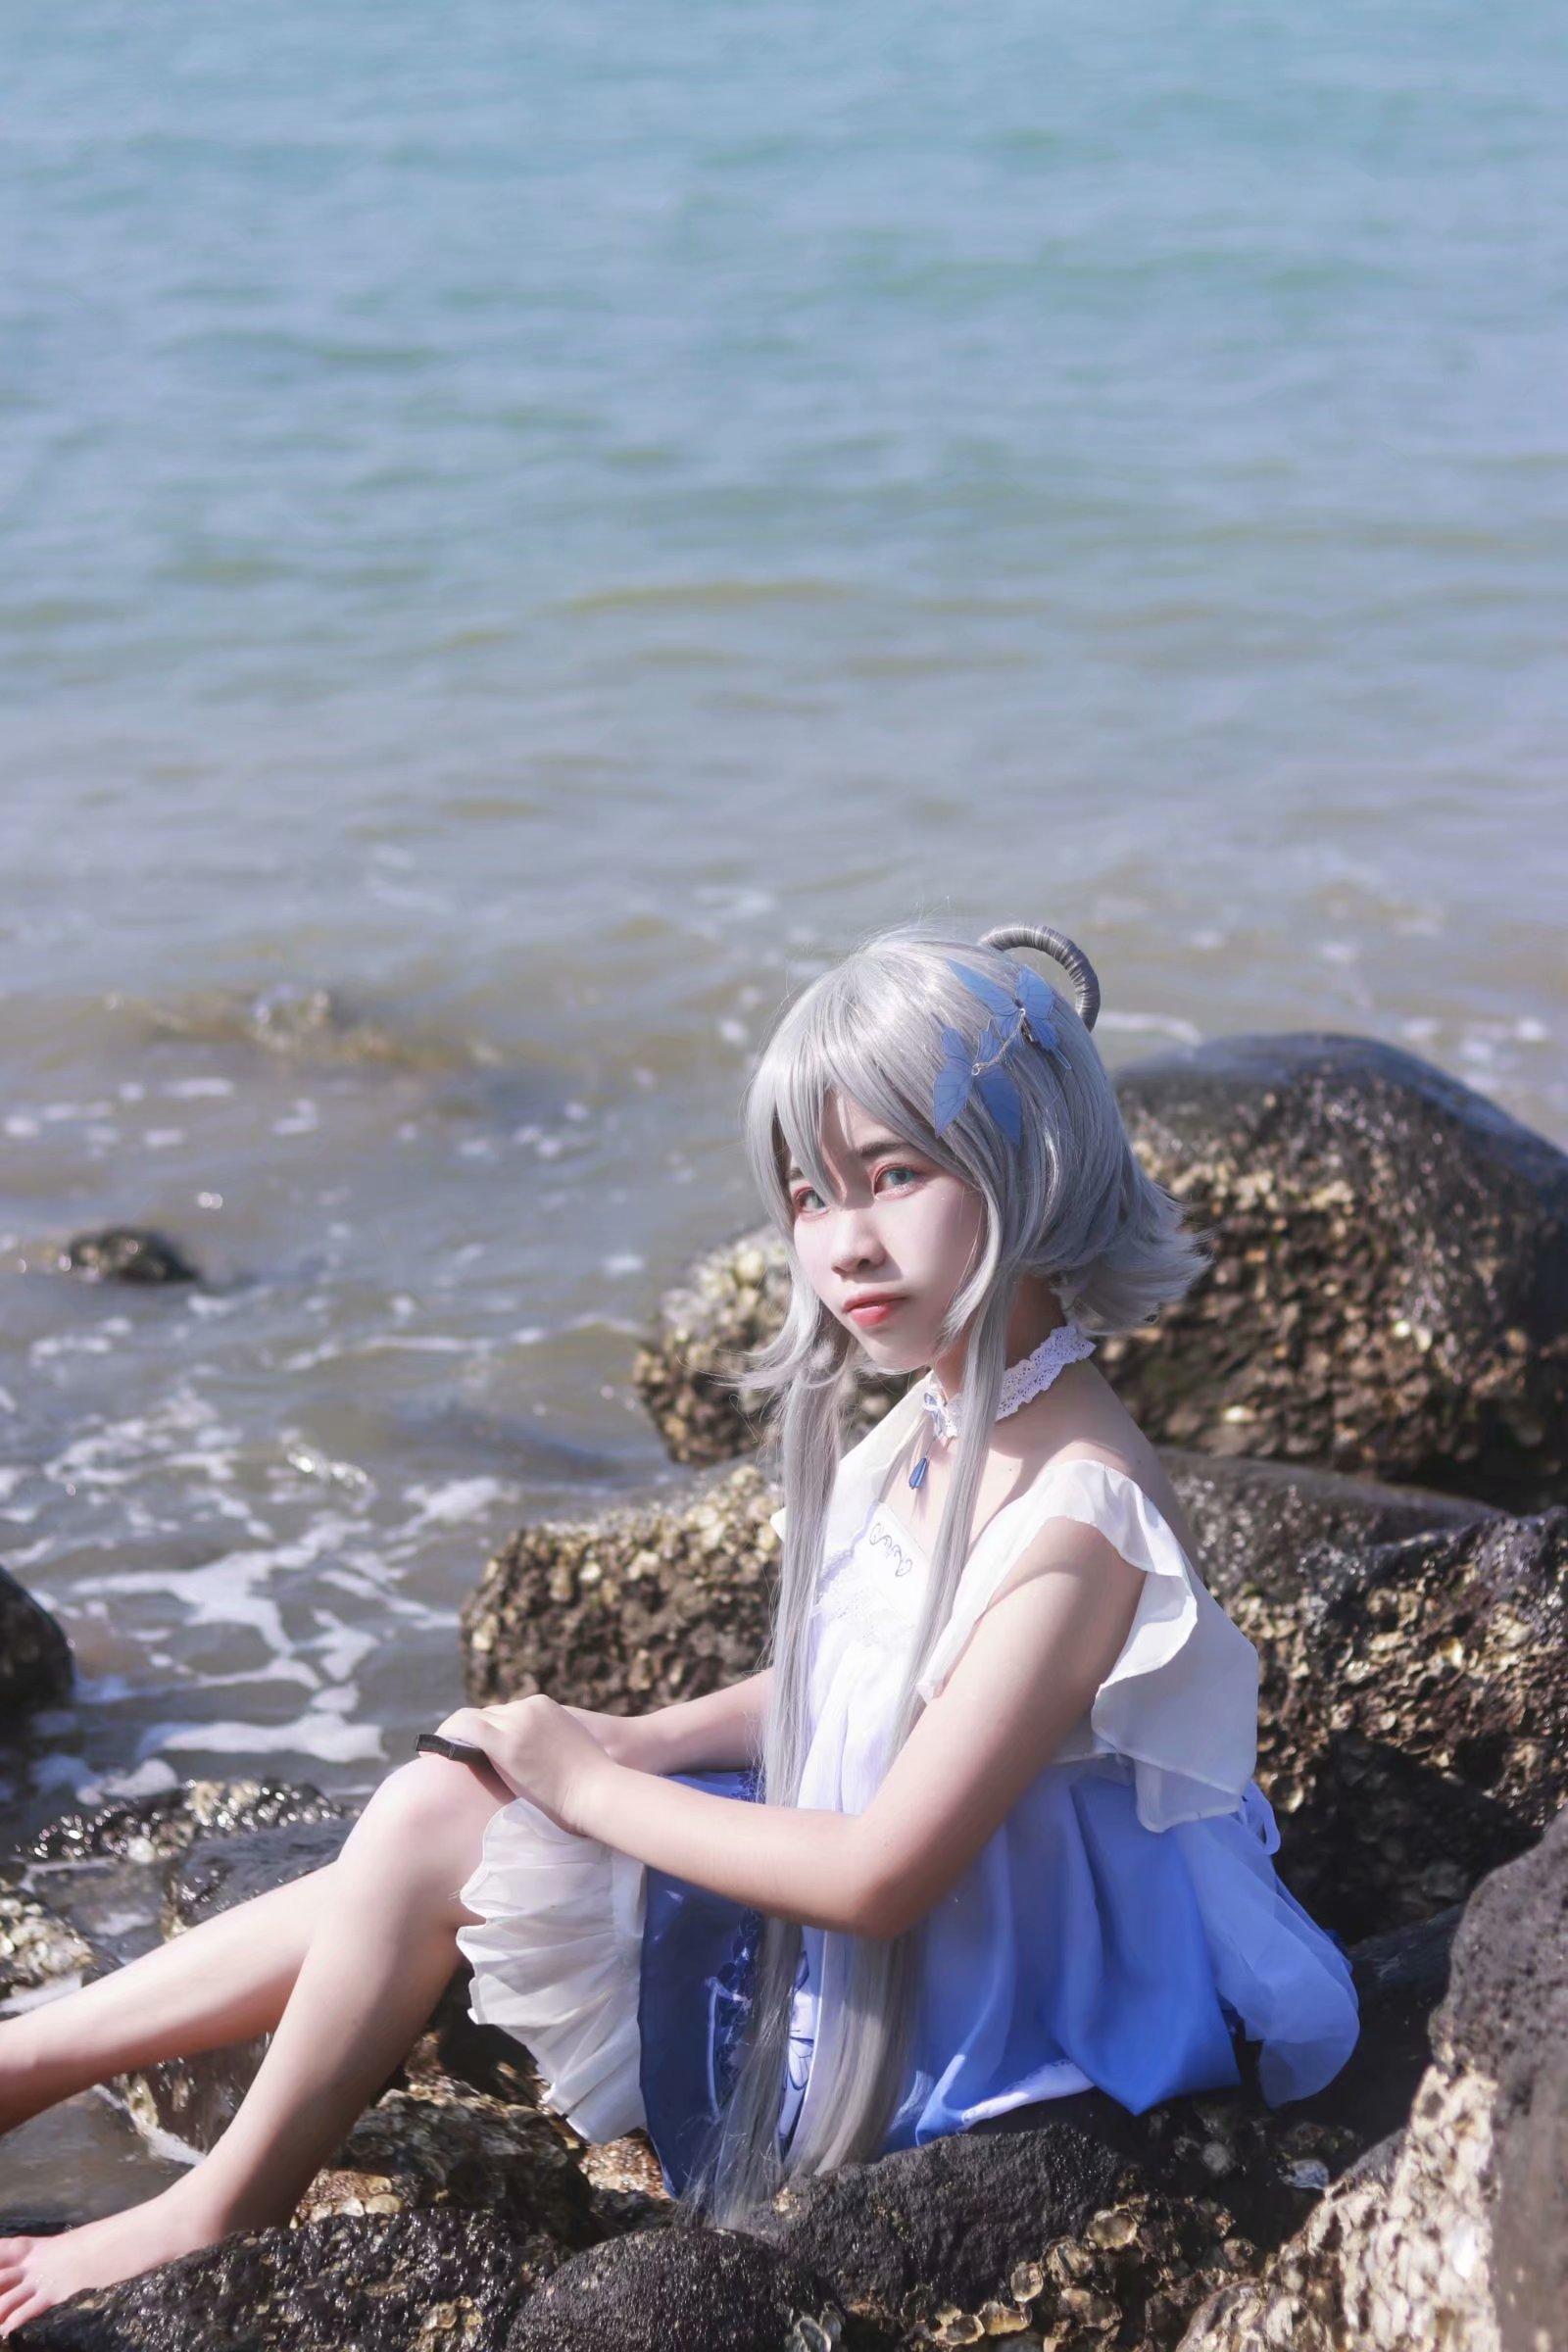 美女cosplay【CN:墨月月月】-第3张